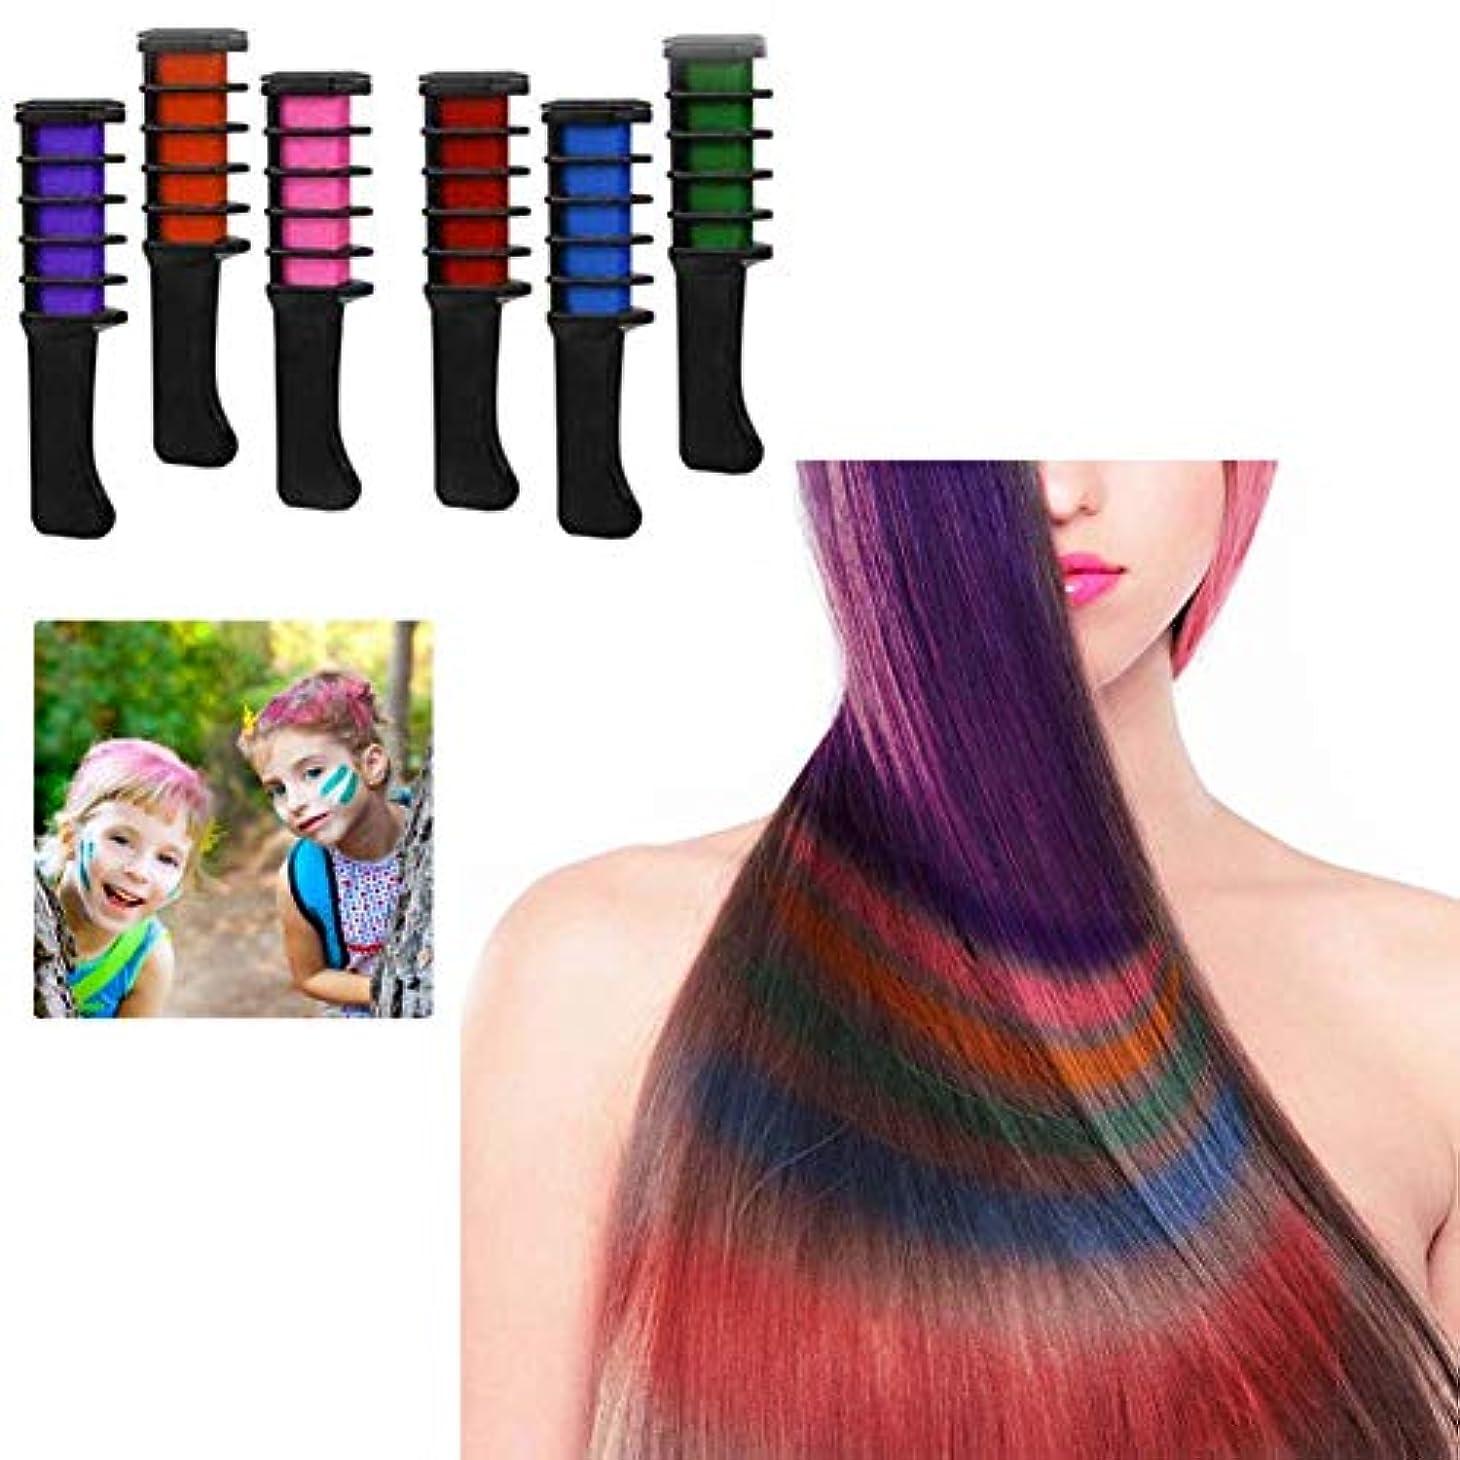 割るシンプルなアフリカ人髪のチョークは子供の女の子のための一時的な髪の色を染めるすべての髪の色で動作しますアイデアクリスマスギフトブラックハンドル6色